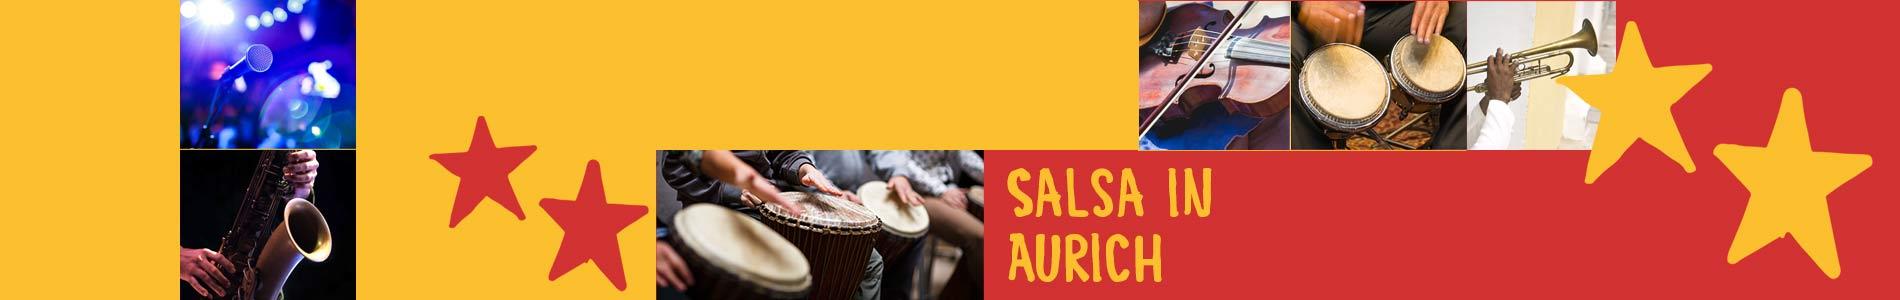 Salsa in Aurich – Salsa lernen und tanzen, Tanzkurse, Partys, Veranstaltungen